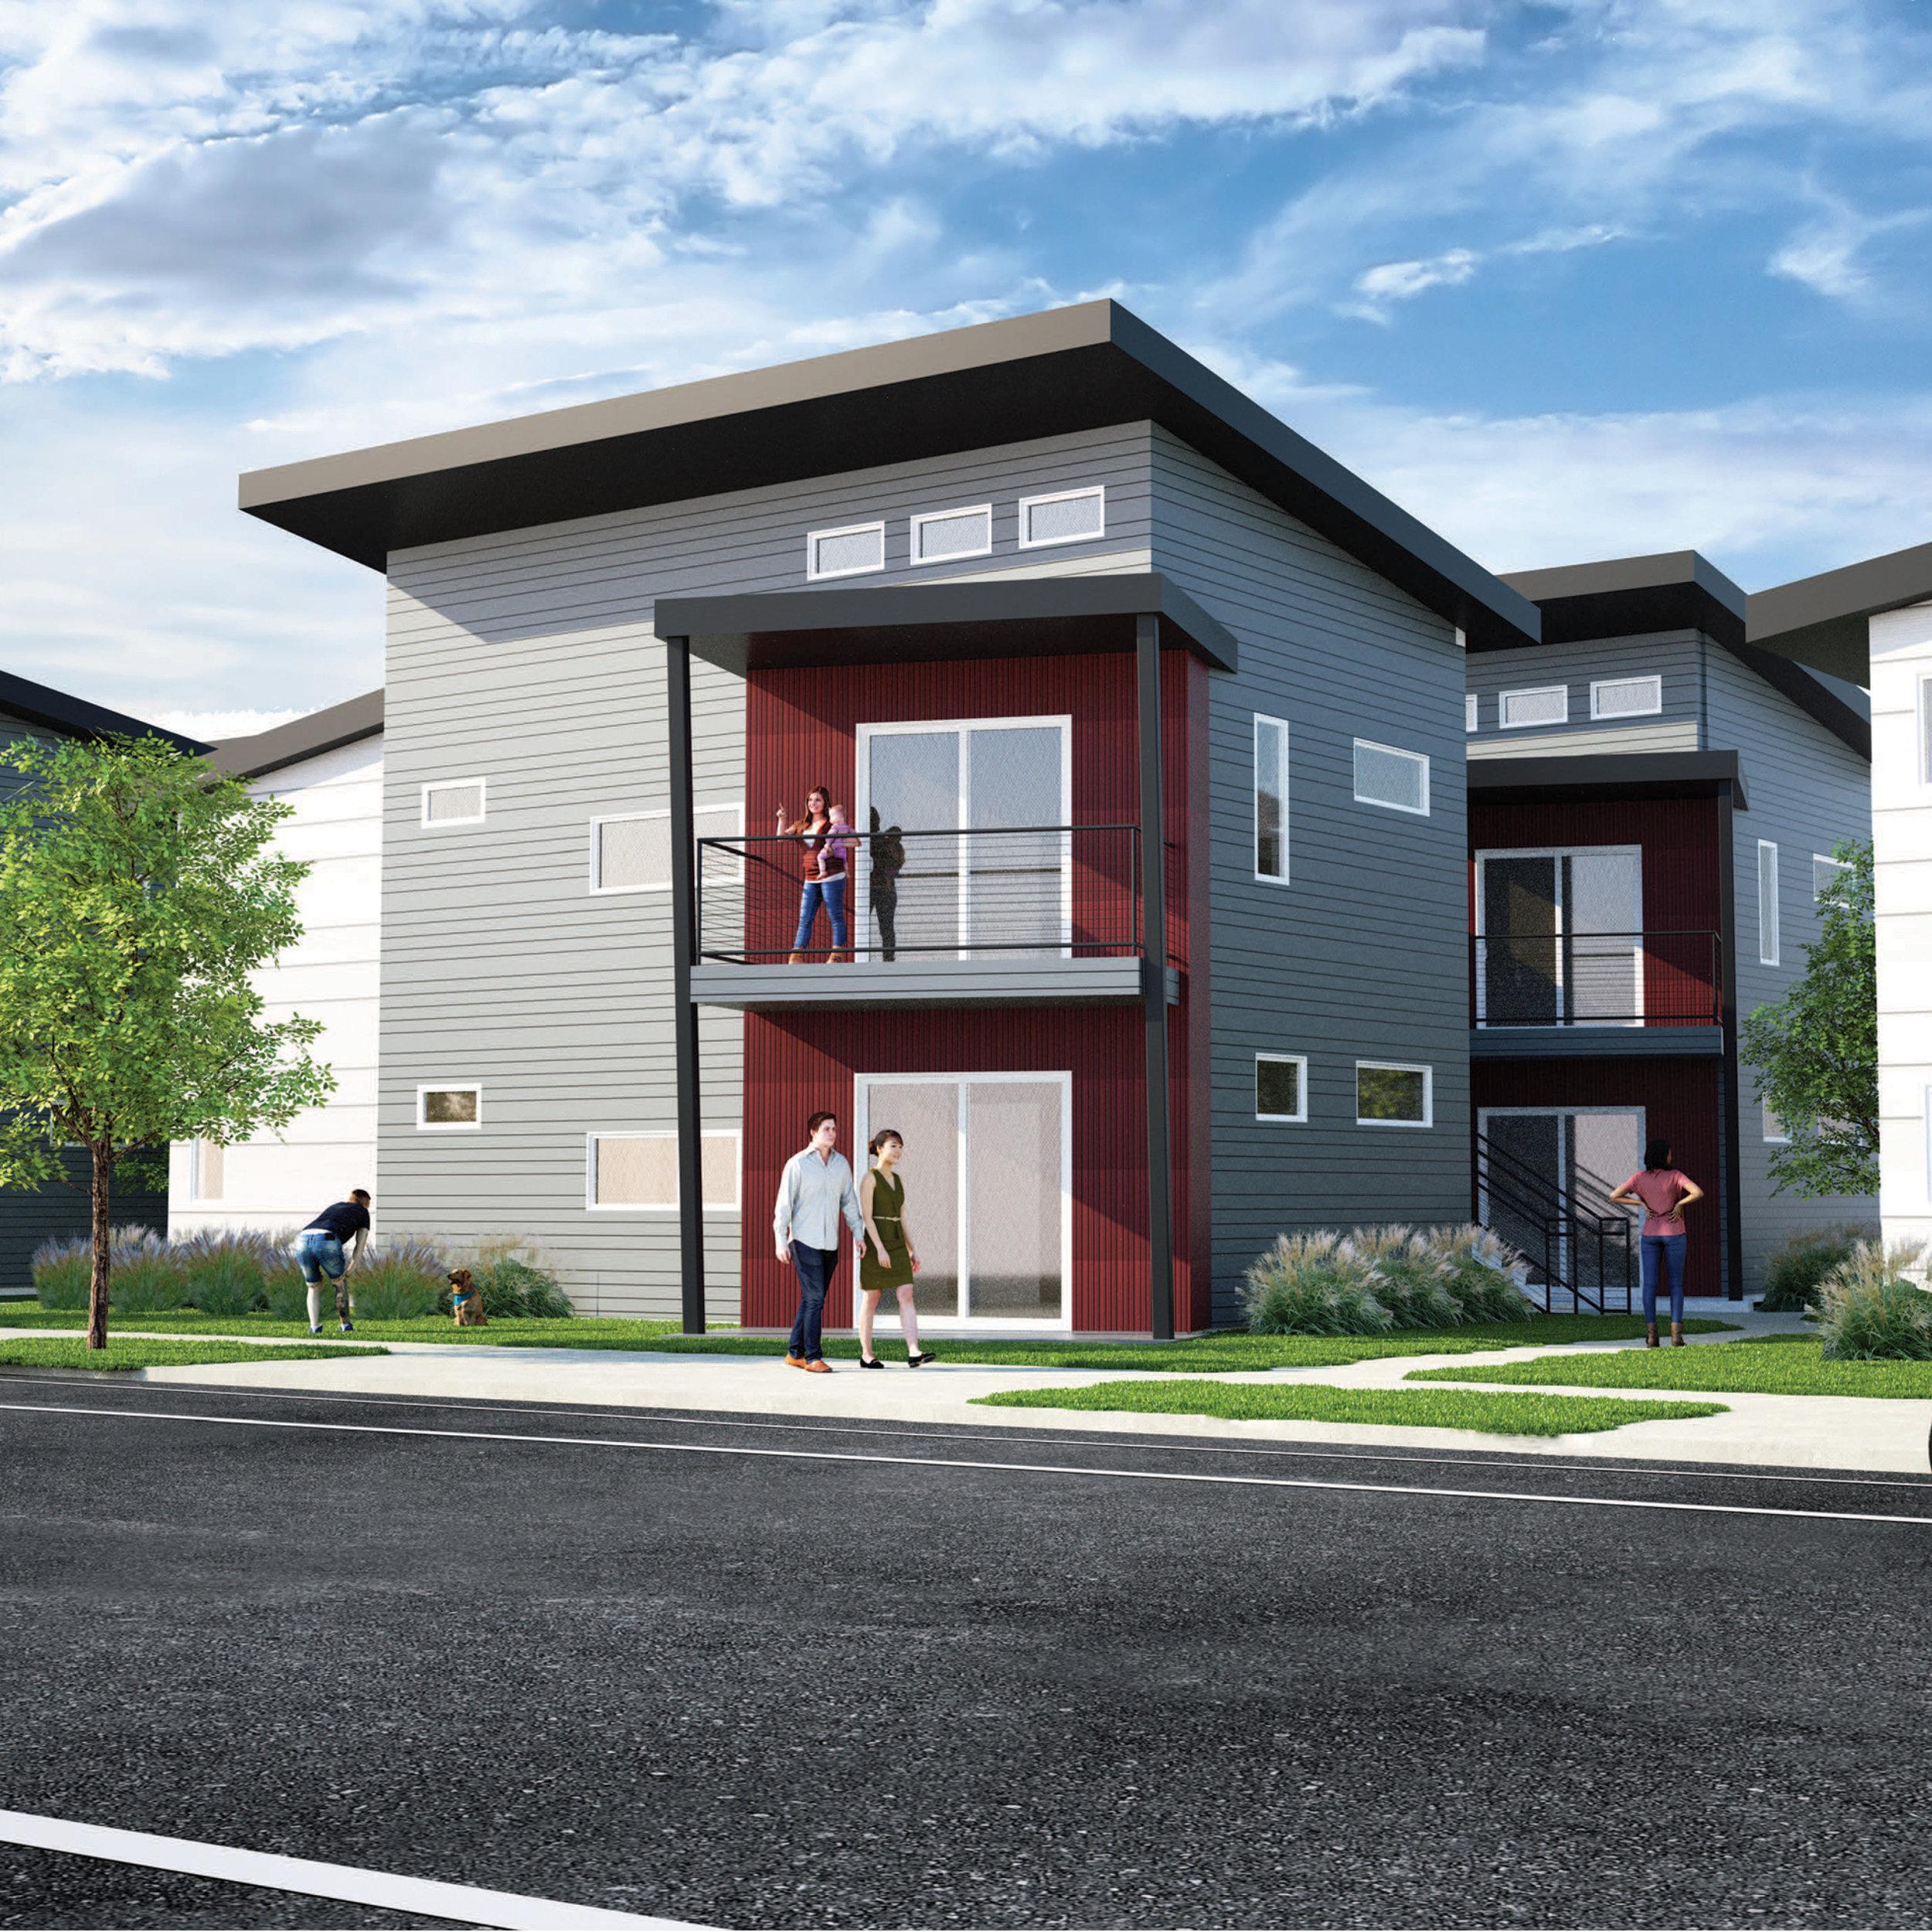 MP_ApartmentsPage_800x800px-quads.jpg